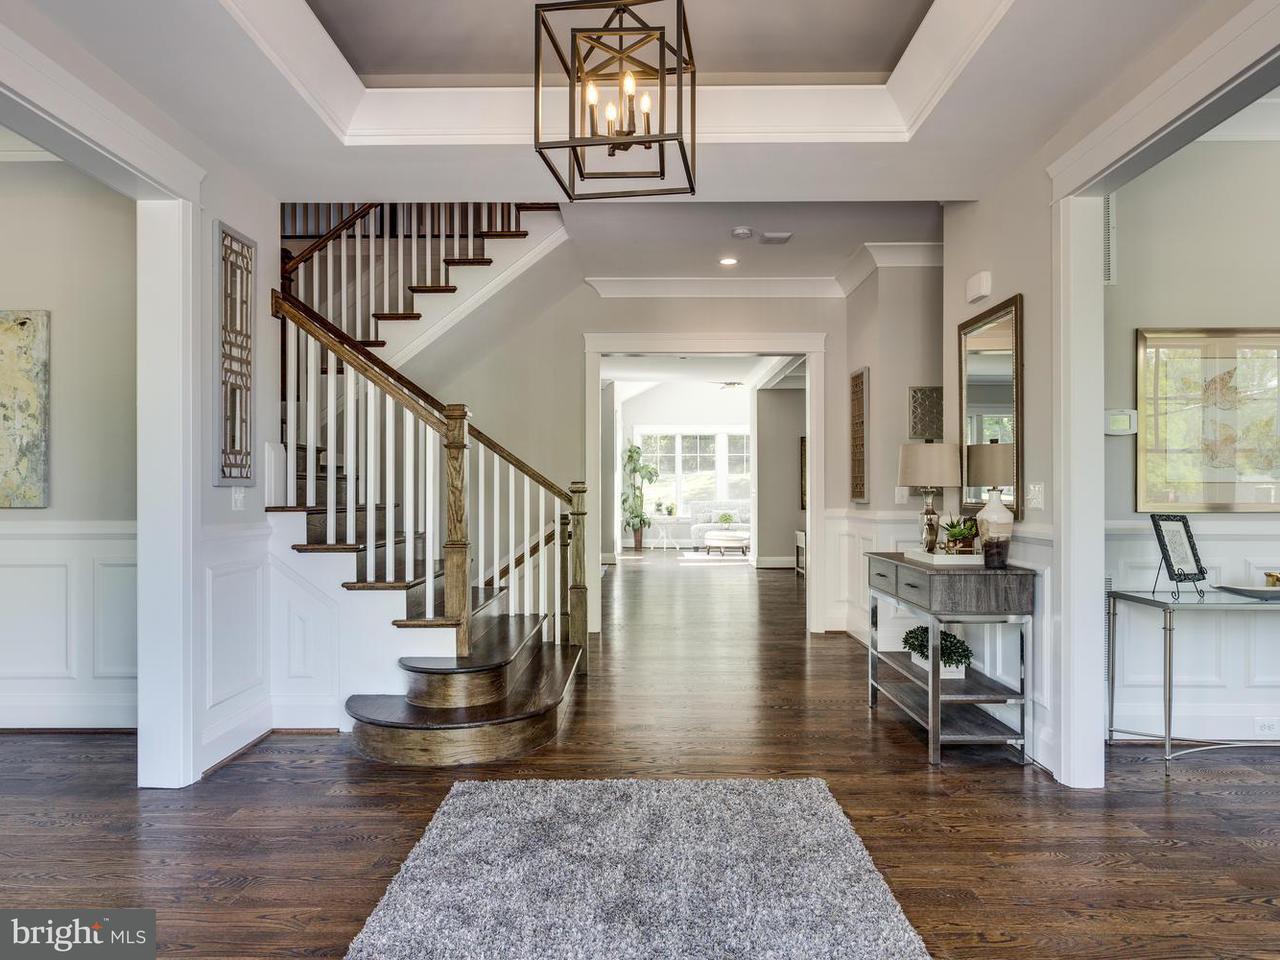 Single Family Home for Sale at 4626 DITTMAR RD N 4626 DITTMAR RD N Arlington, Virginia 22207 United States